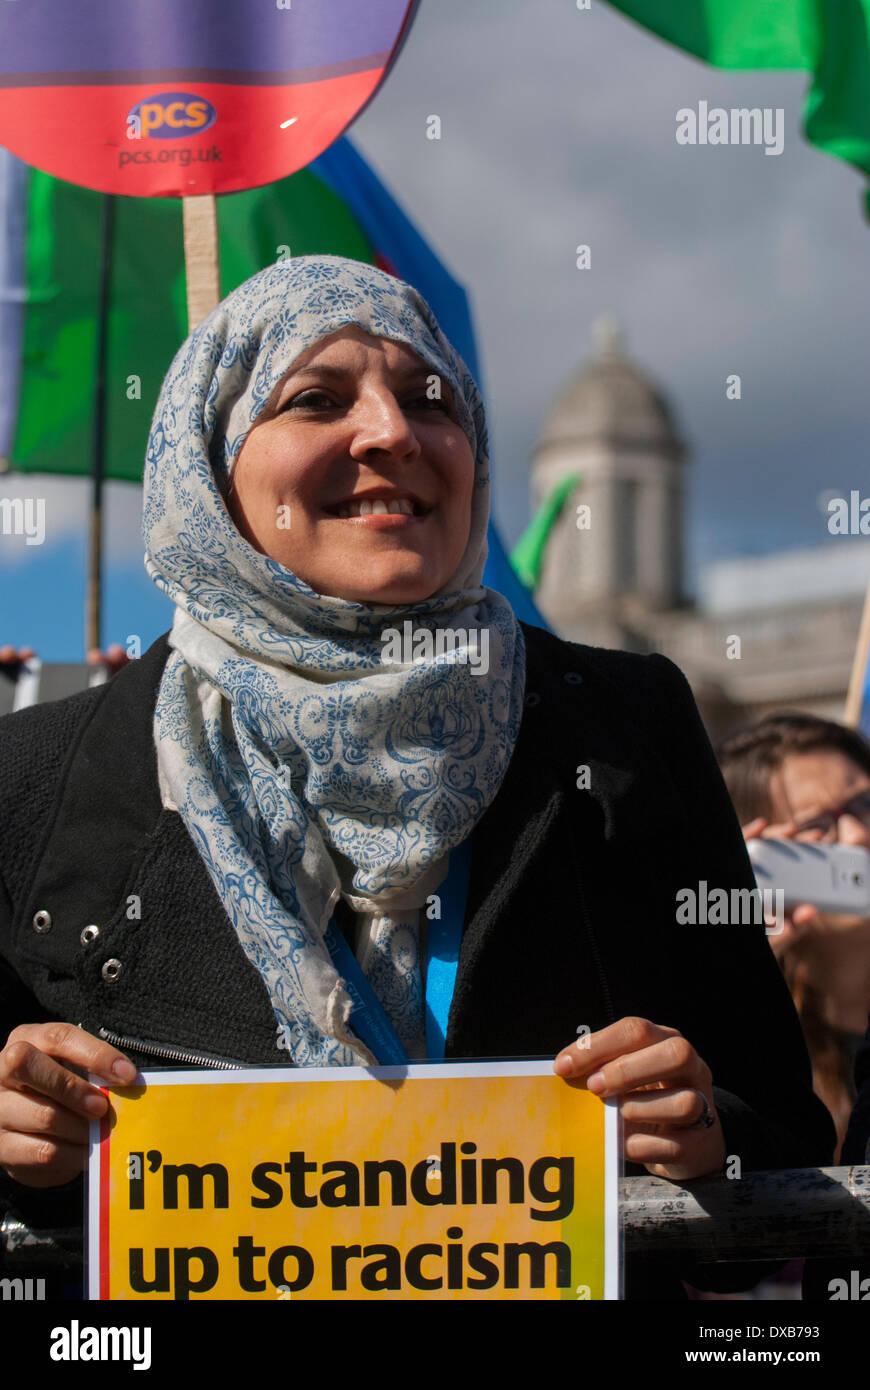 Londres, Reino Unido. El 22 de marzo de 2014. Una mujer en el rally antirracismo escucha a los oradores en la londinense Trafalgar Square. Crédito: Peter Manning/Alamy Live News Imagen De Stock